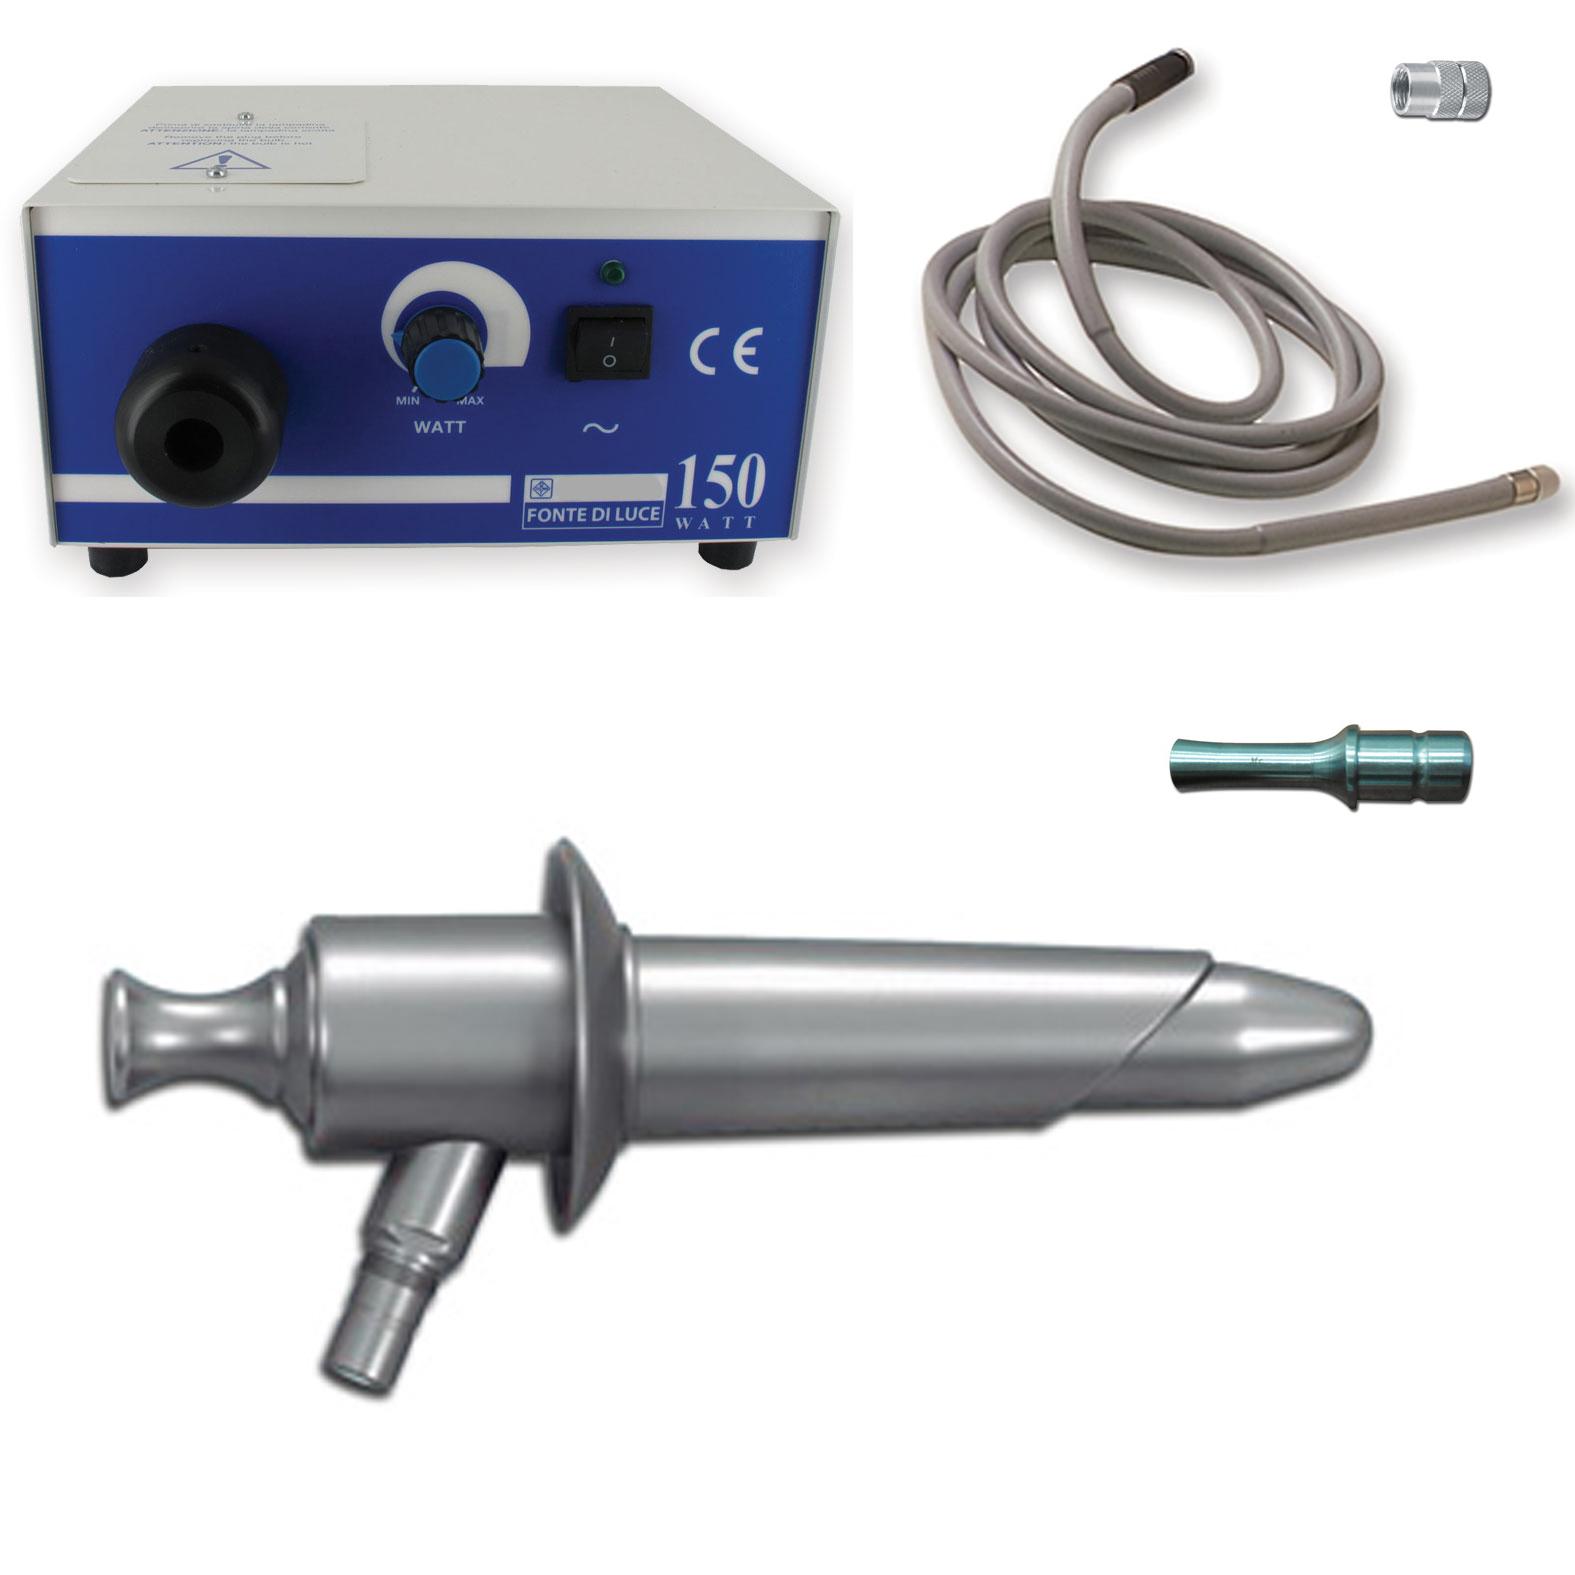 Proctoscop, anoscop szet fényforrással